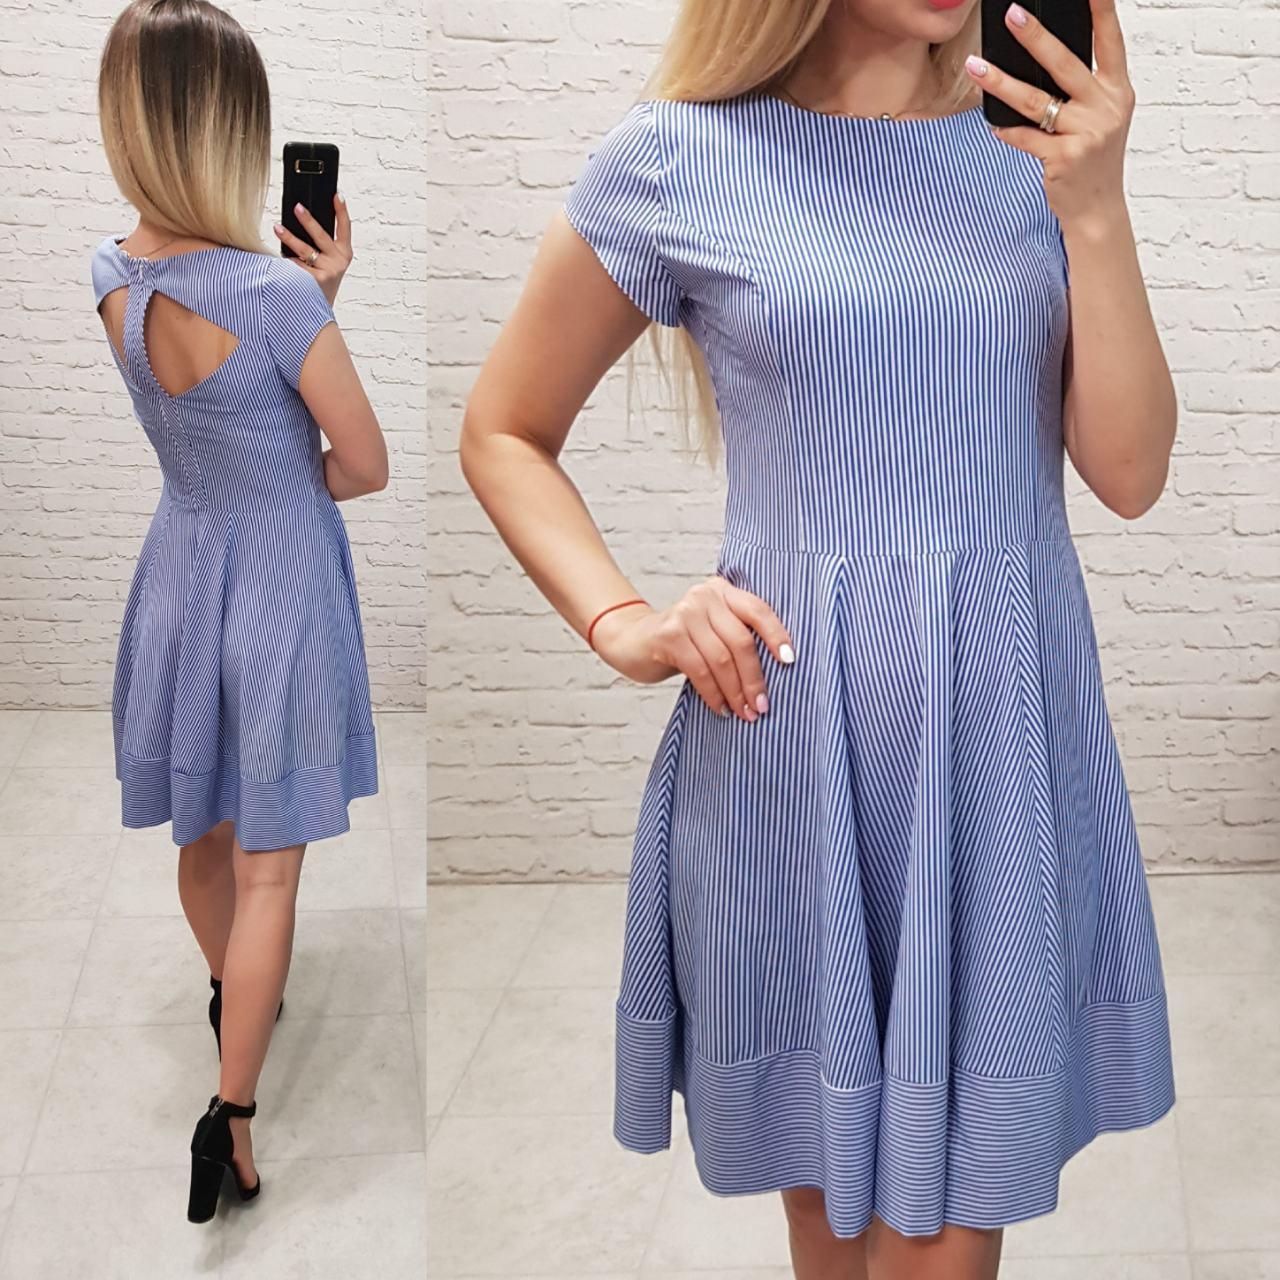 Сукня арт. З 19-01 з відкритою спинкою електрик / яскраво синій в смужку